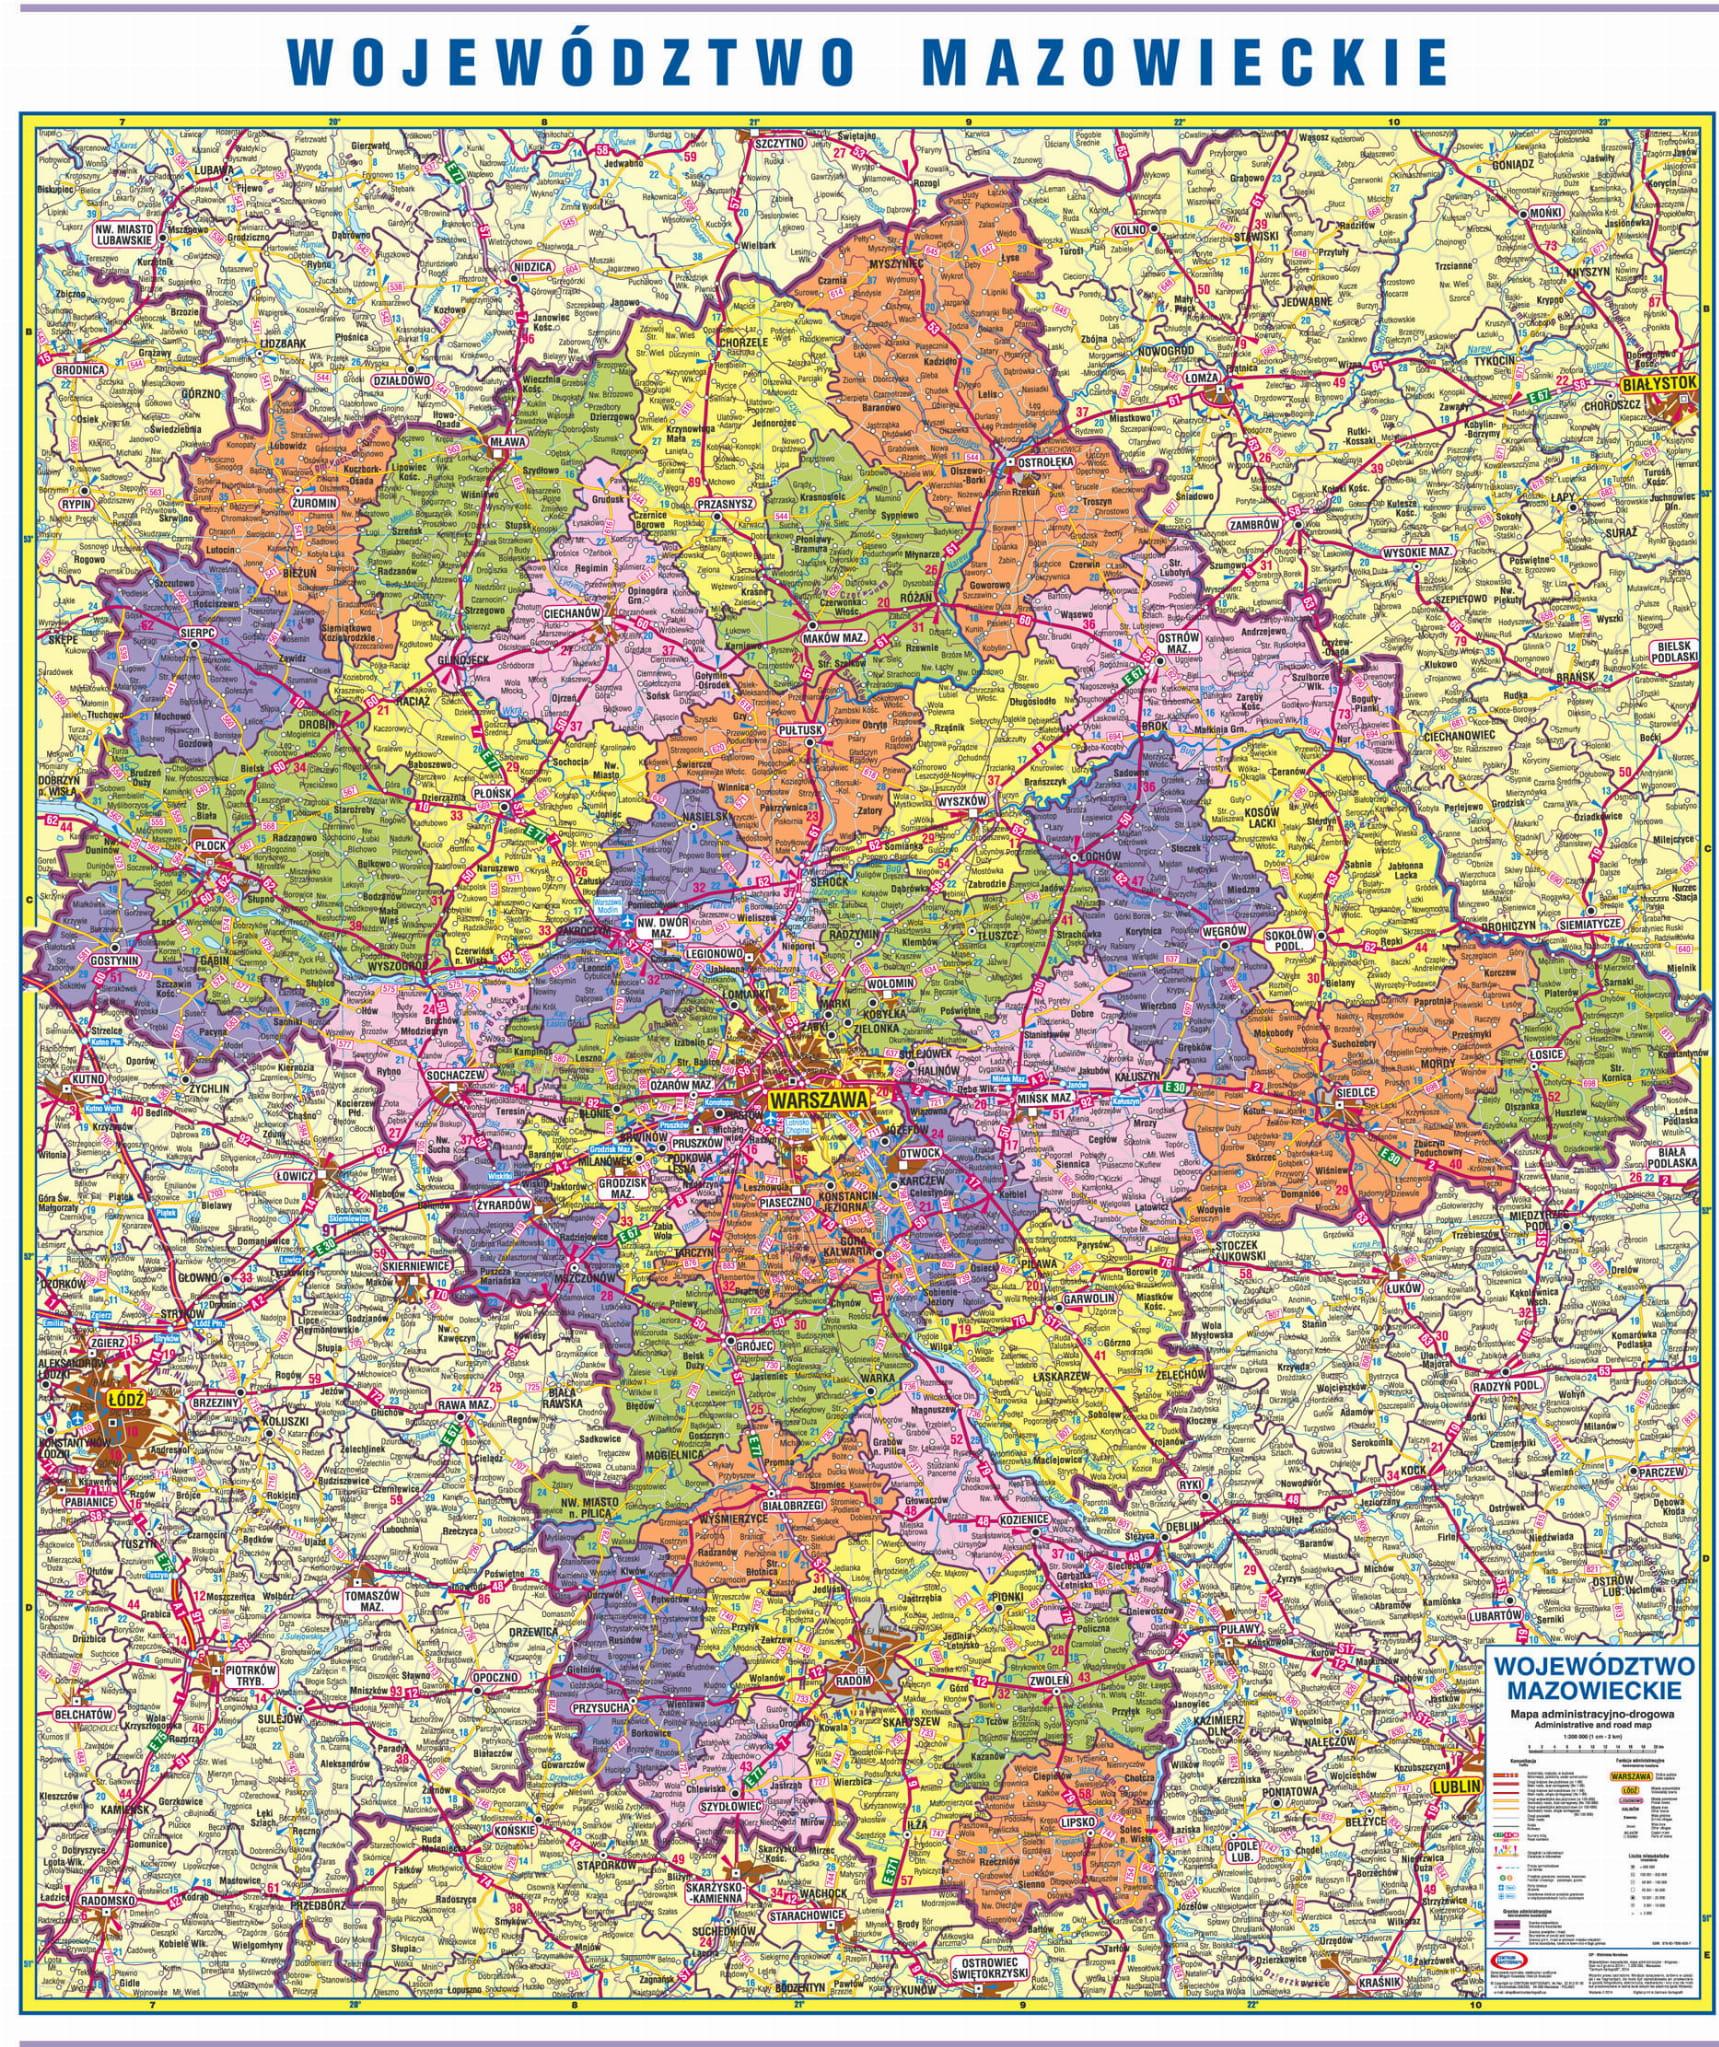 Wojewodztwo Mazowieckie Mapa Drogowo Administracyjna 1 200 000